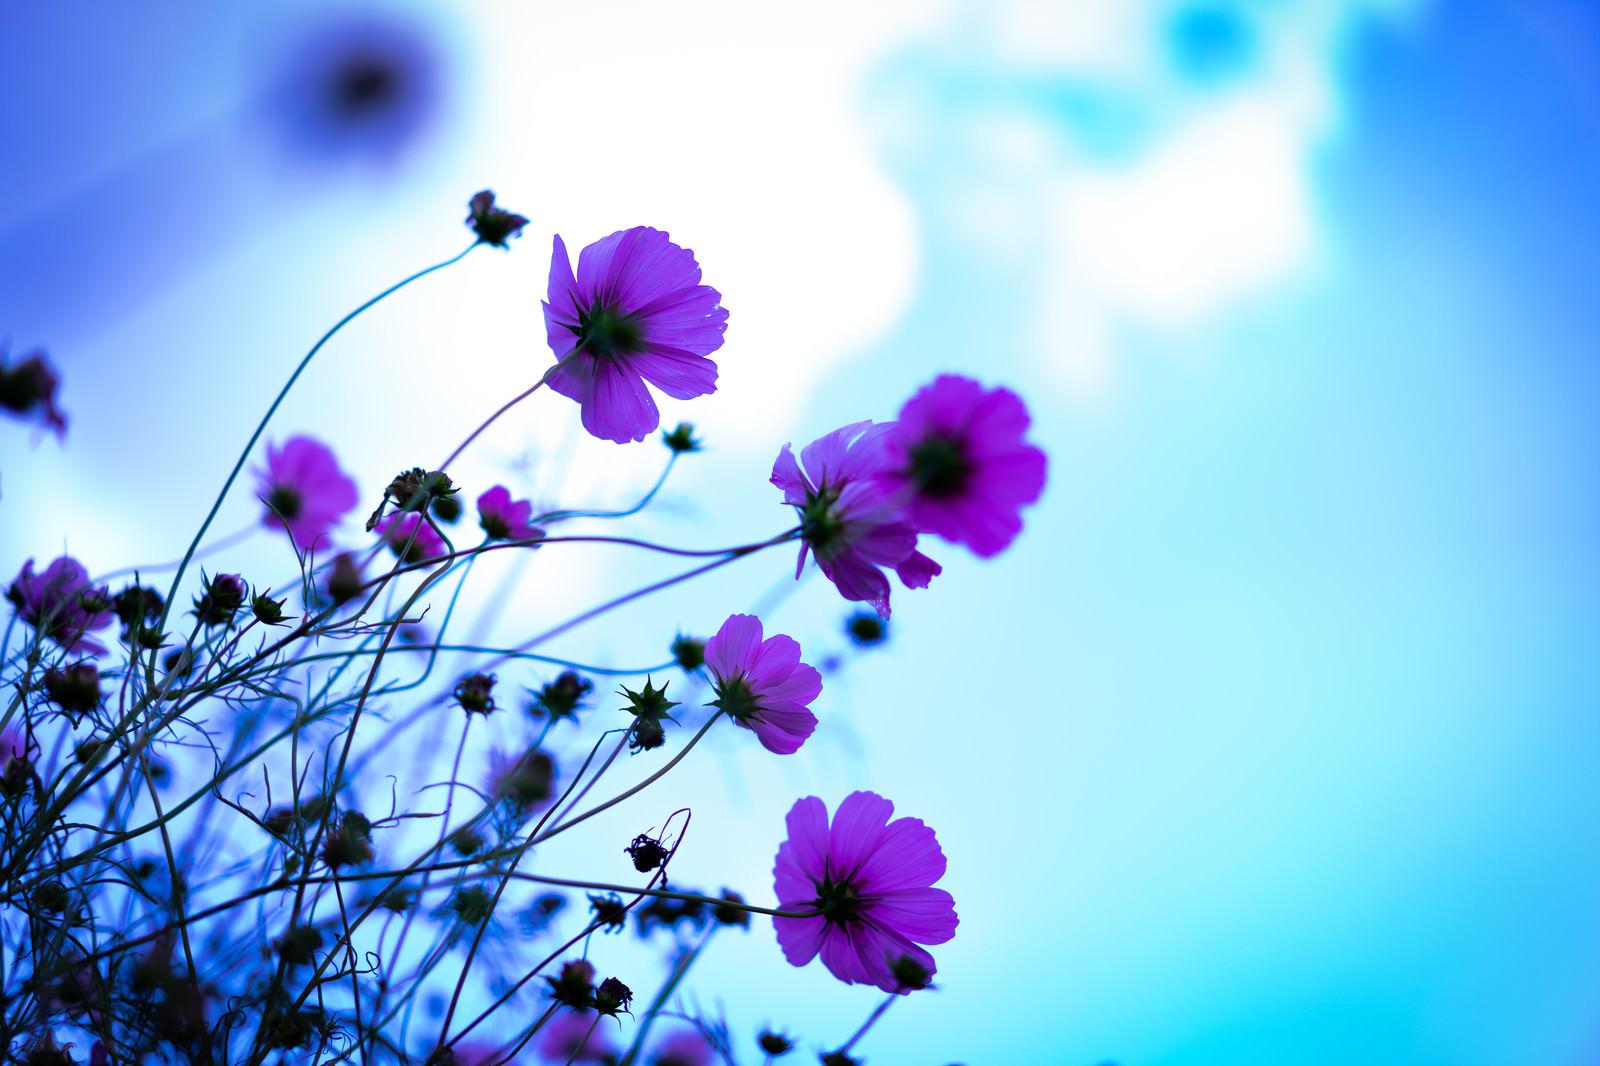 「青空が透けるコスモスの花弁」の写真